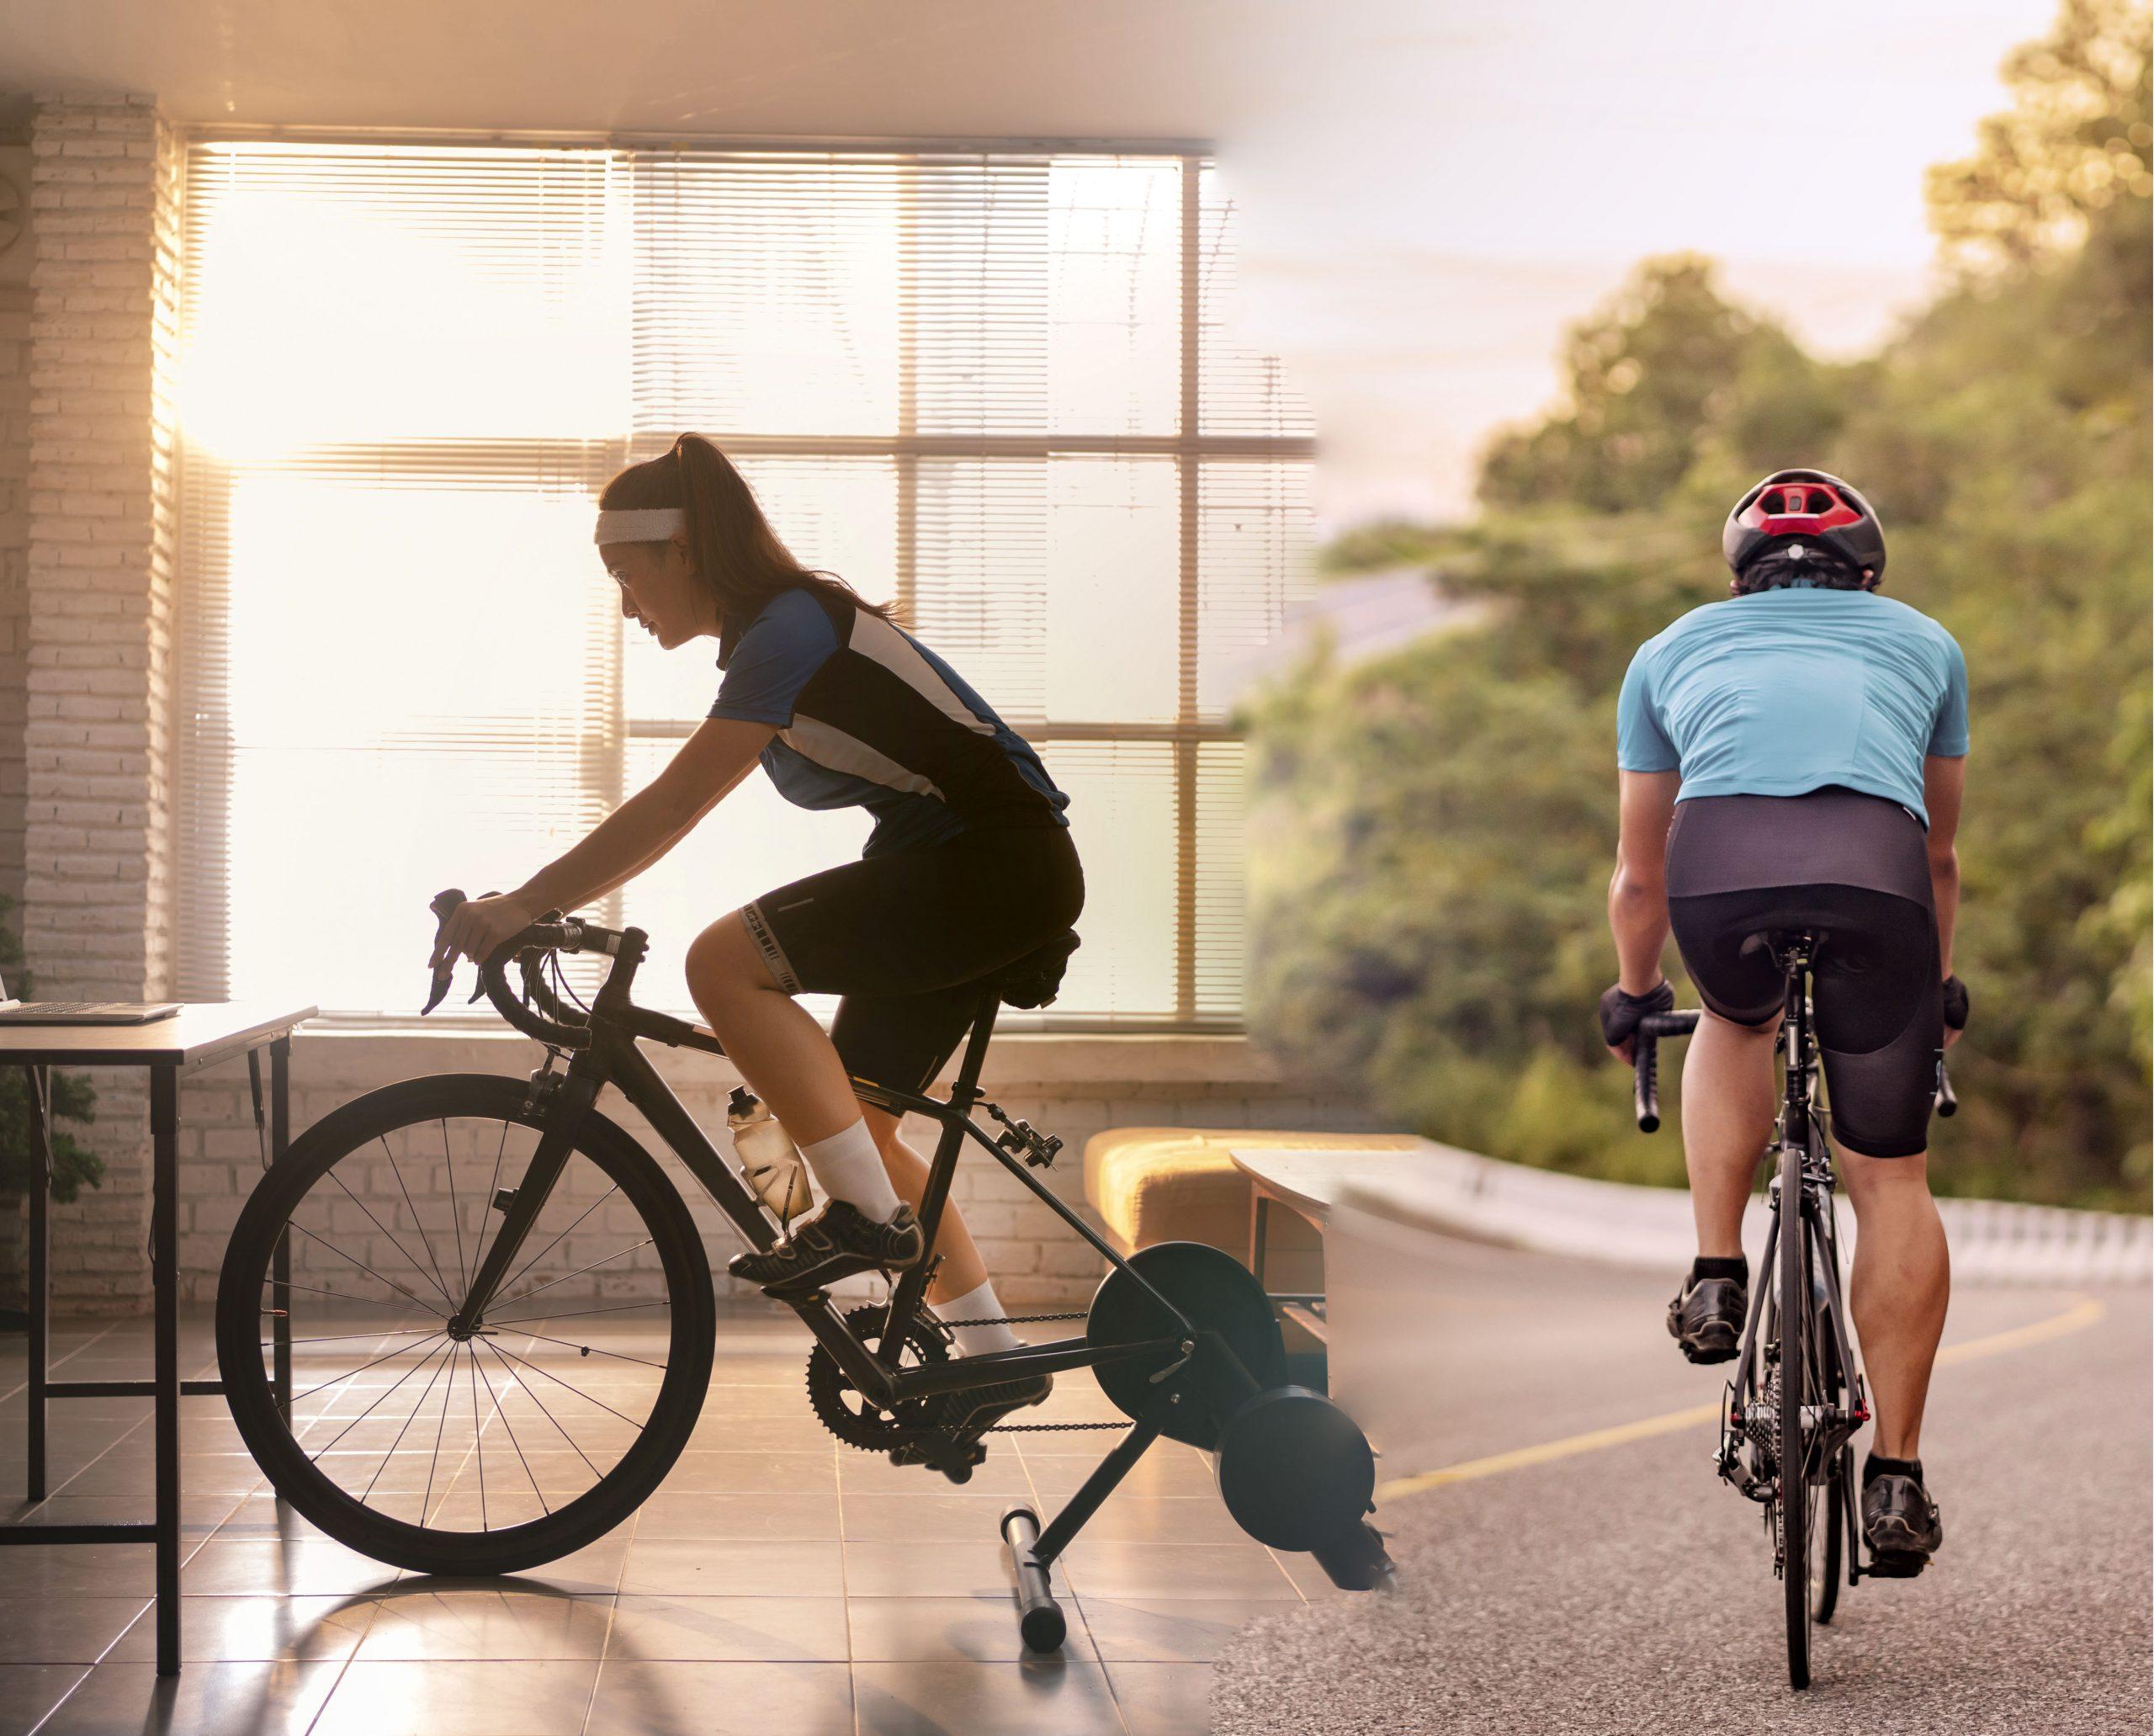 Zeropianura allenamento ciclismo endurance sport bicicletta